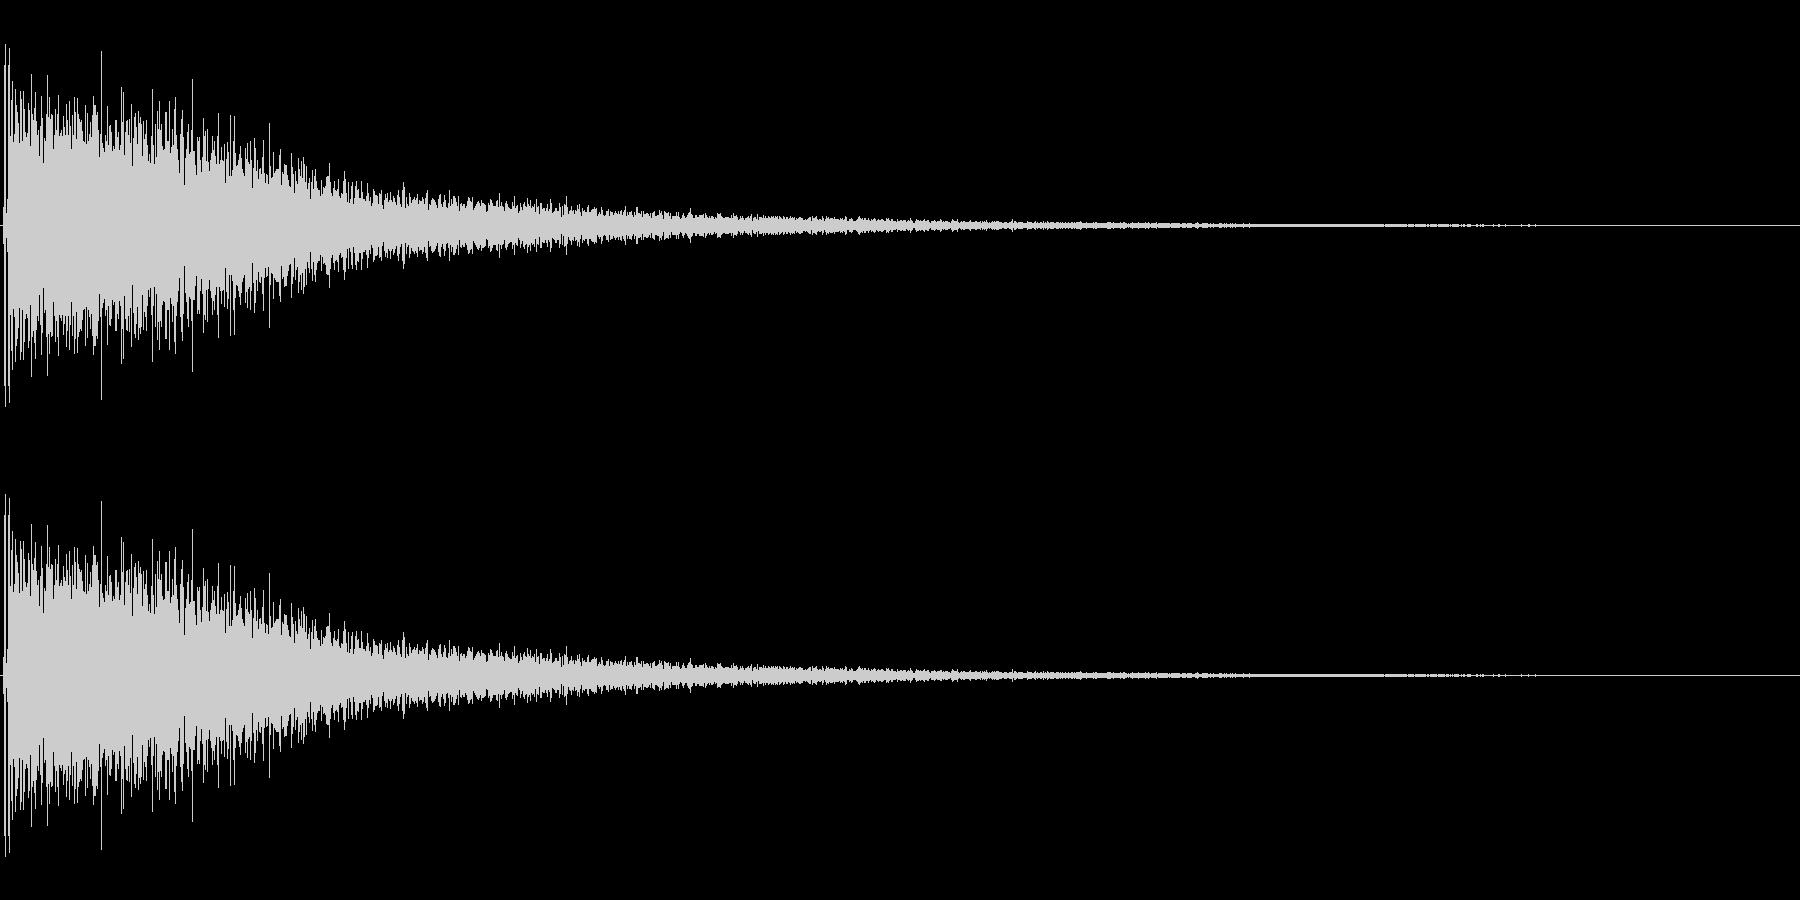 ジャーン(ピアノを適当に叩いた音)の未再生の波形